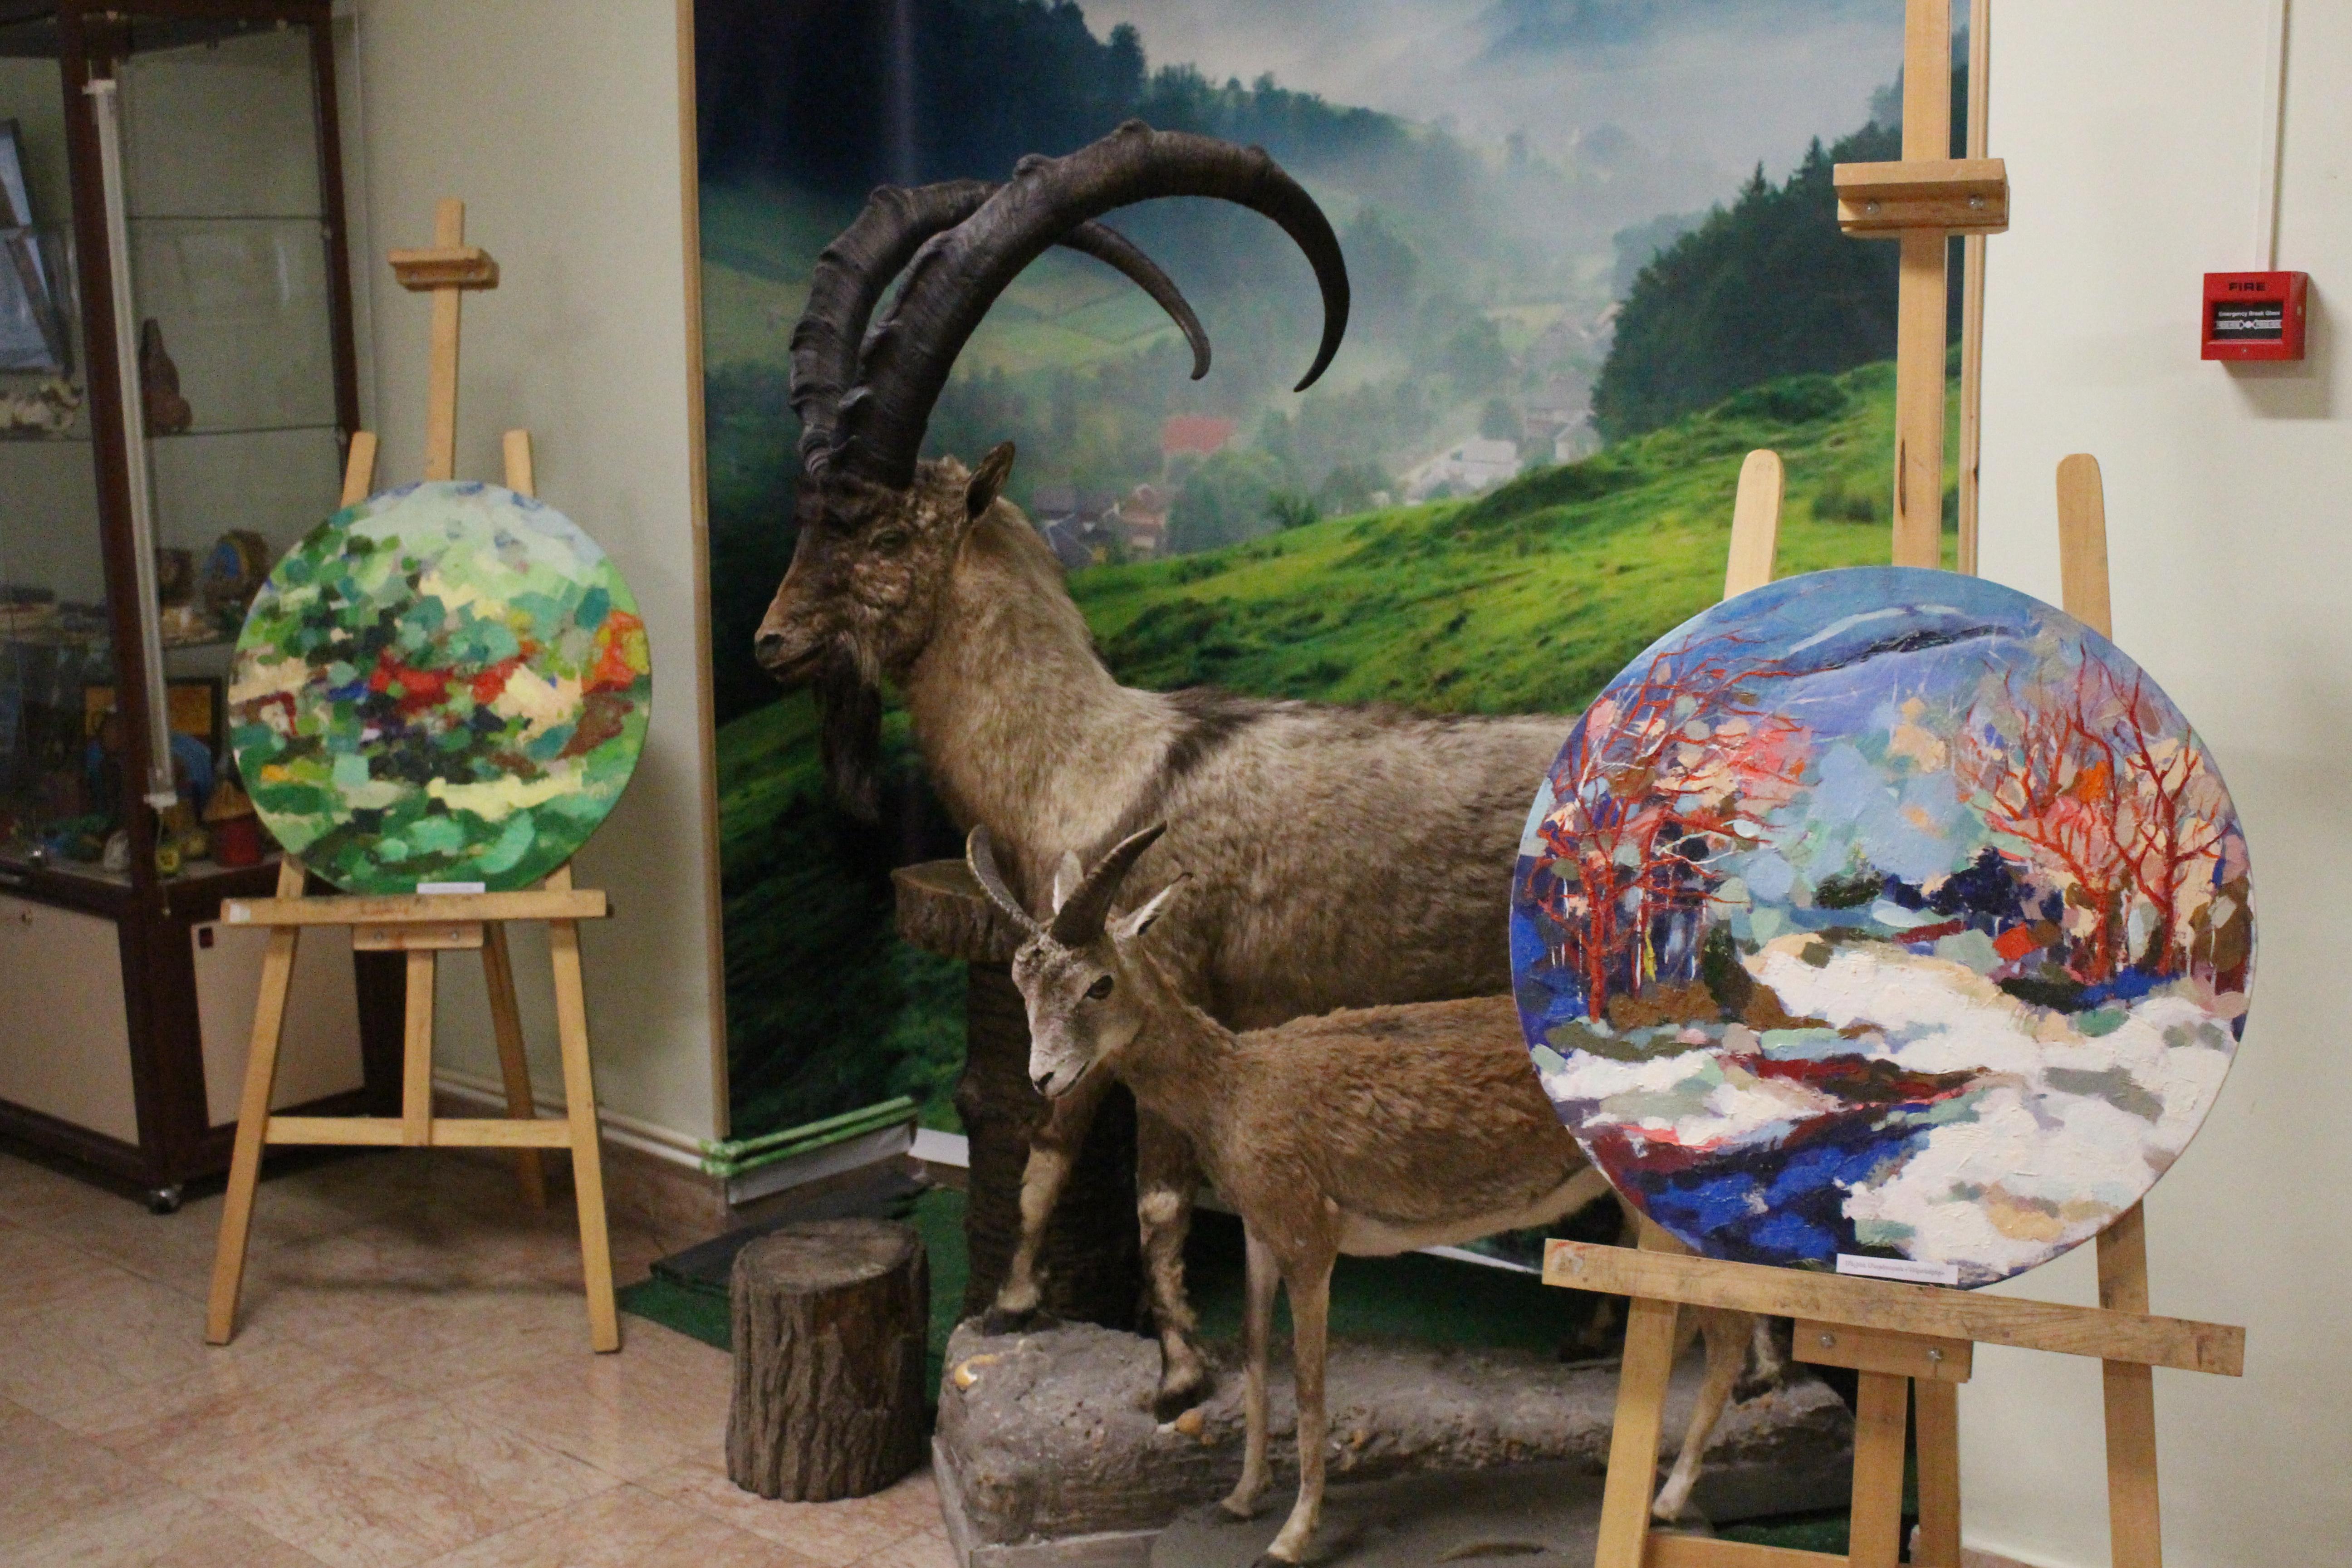 «Բնությունը երիտասարդ նկարիչների աչքերով»